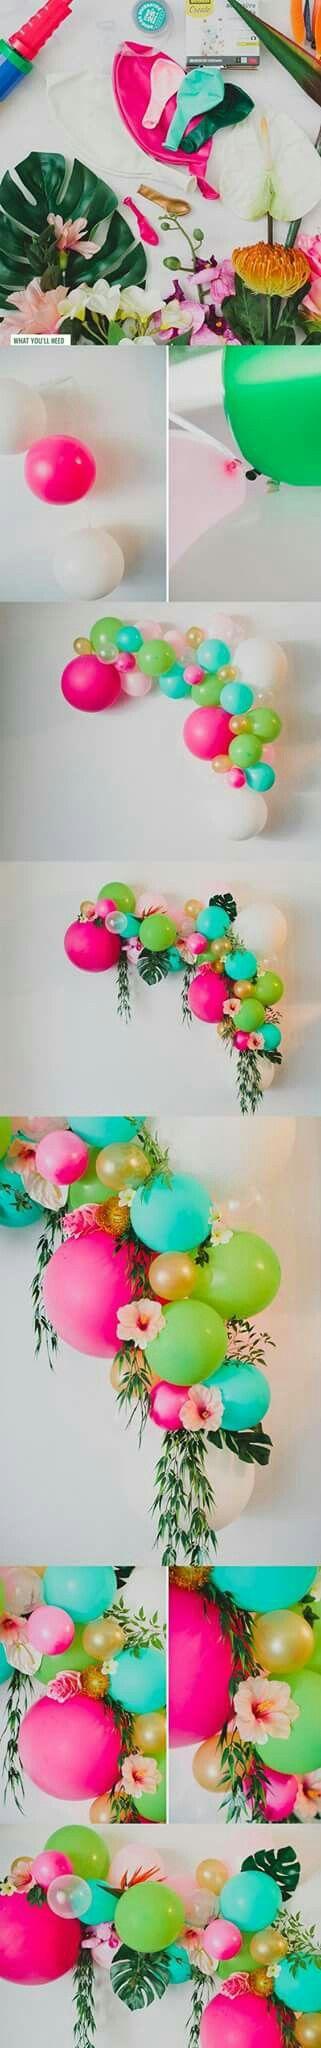 Balões para decorações de festas.